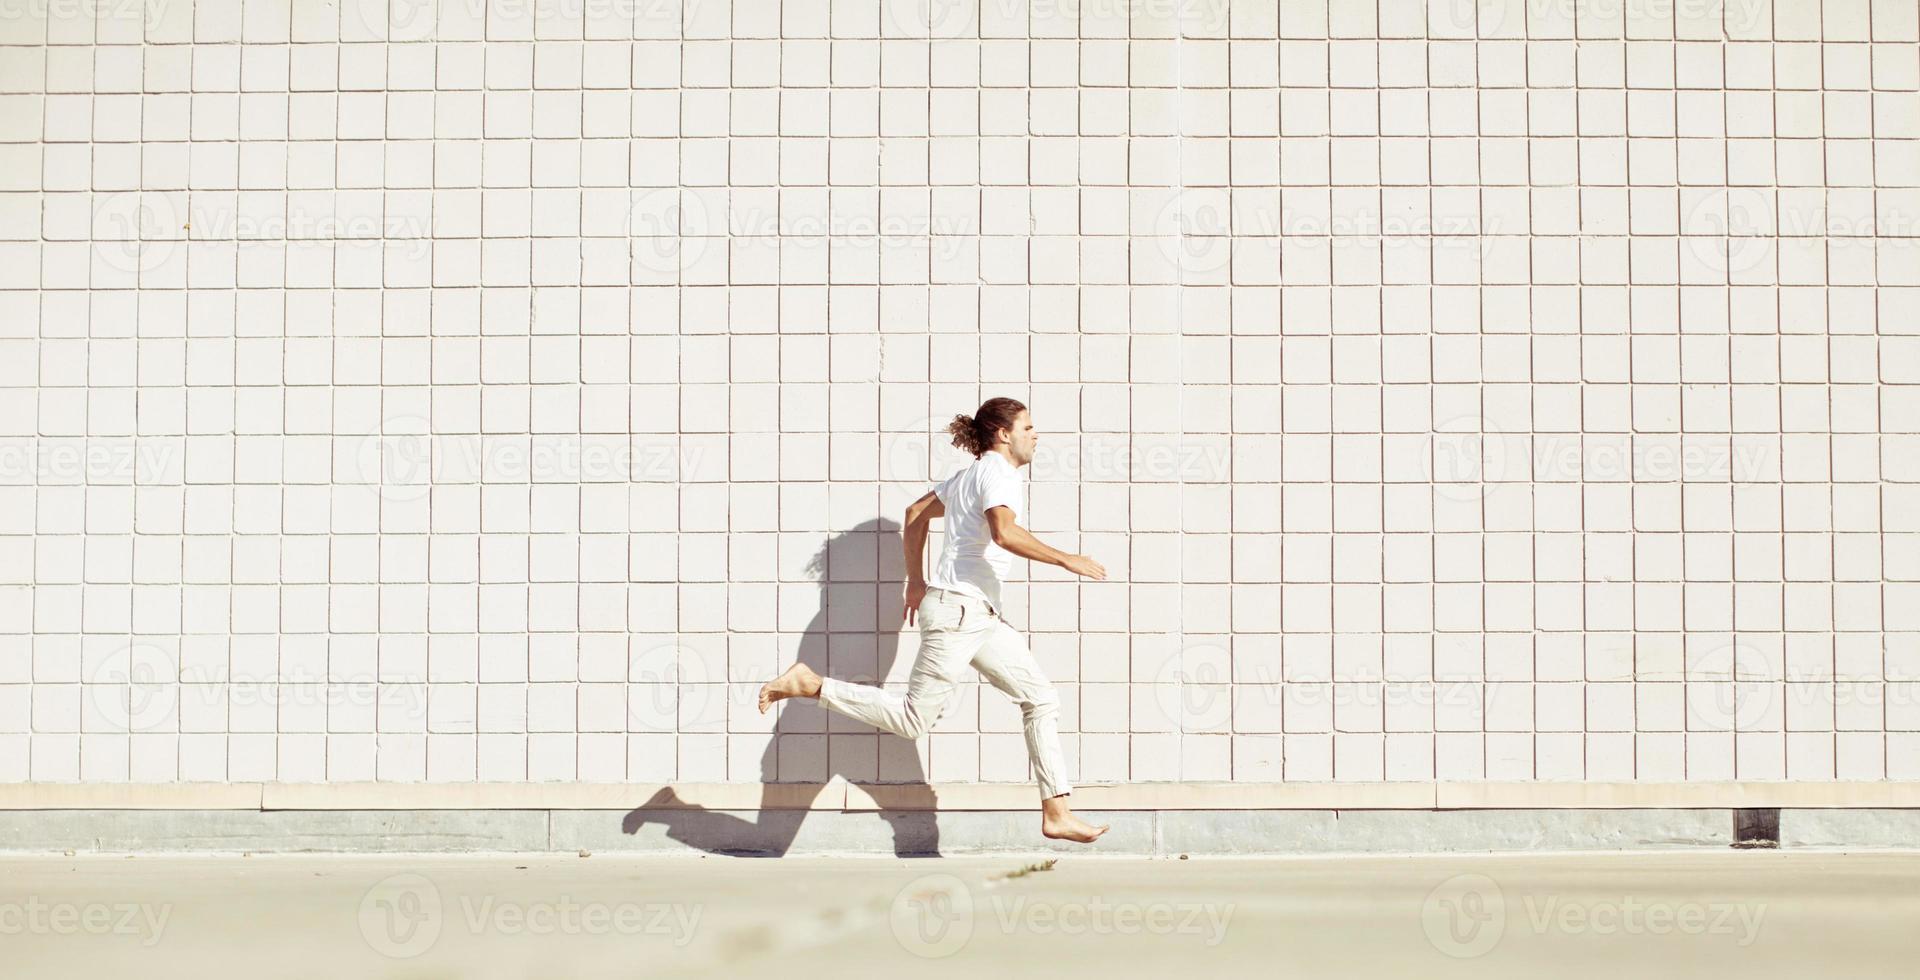 op blote voeten vrije hardloper (parkour atleet) helemaal in het wit gekleed foto